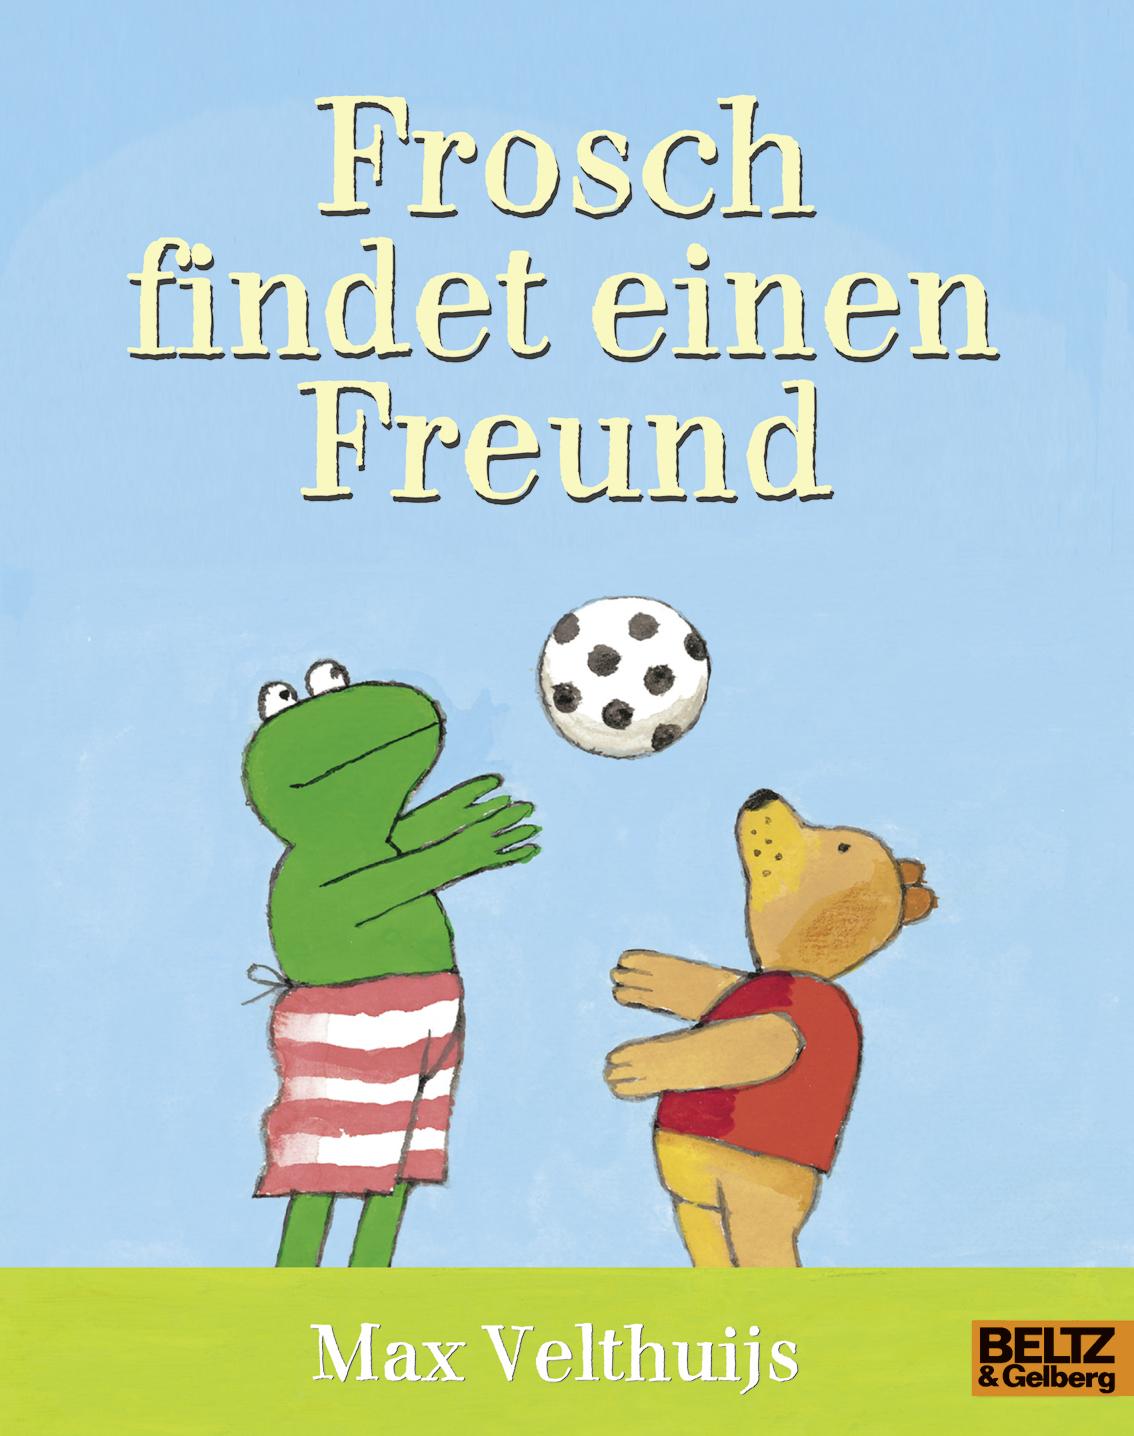 Einen schwulen Freund finden